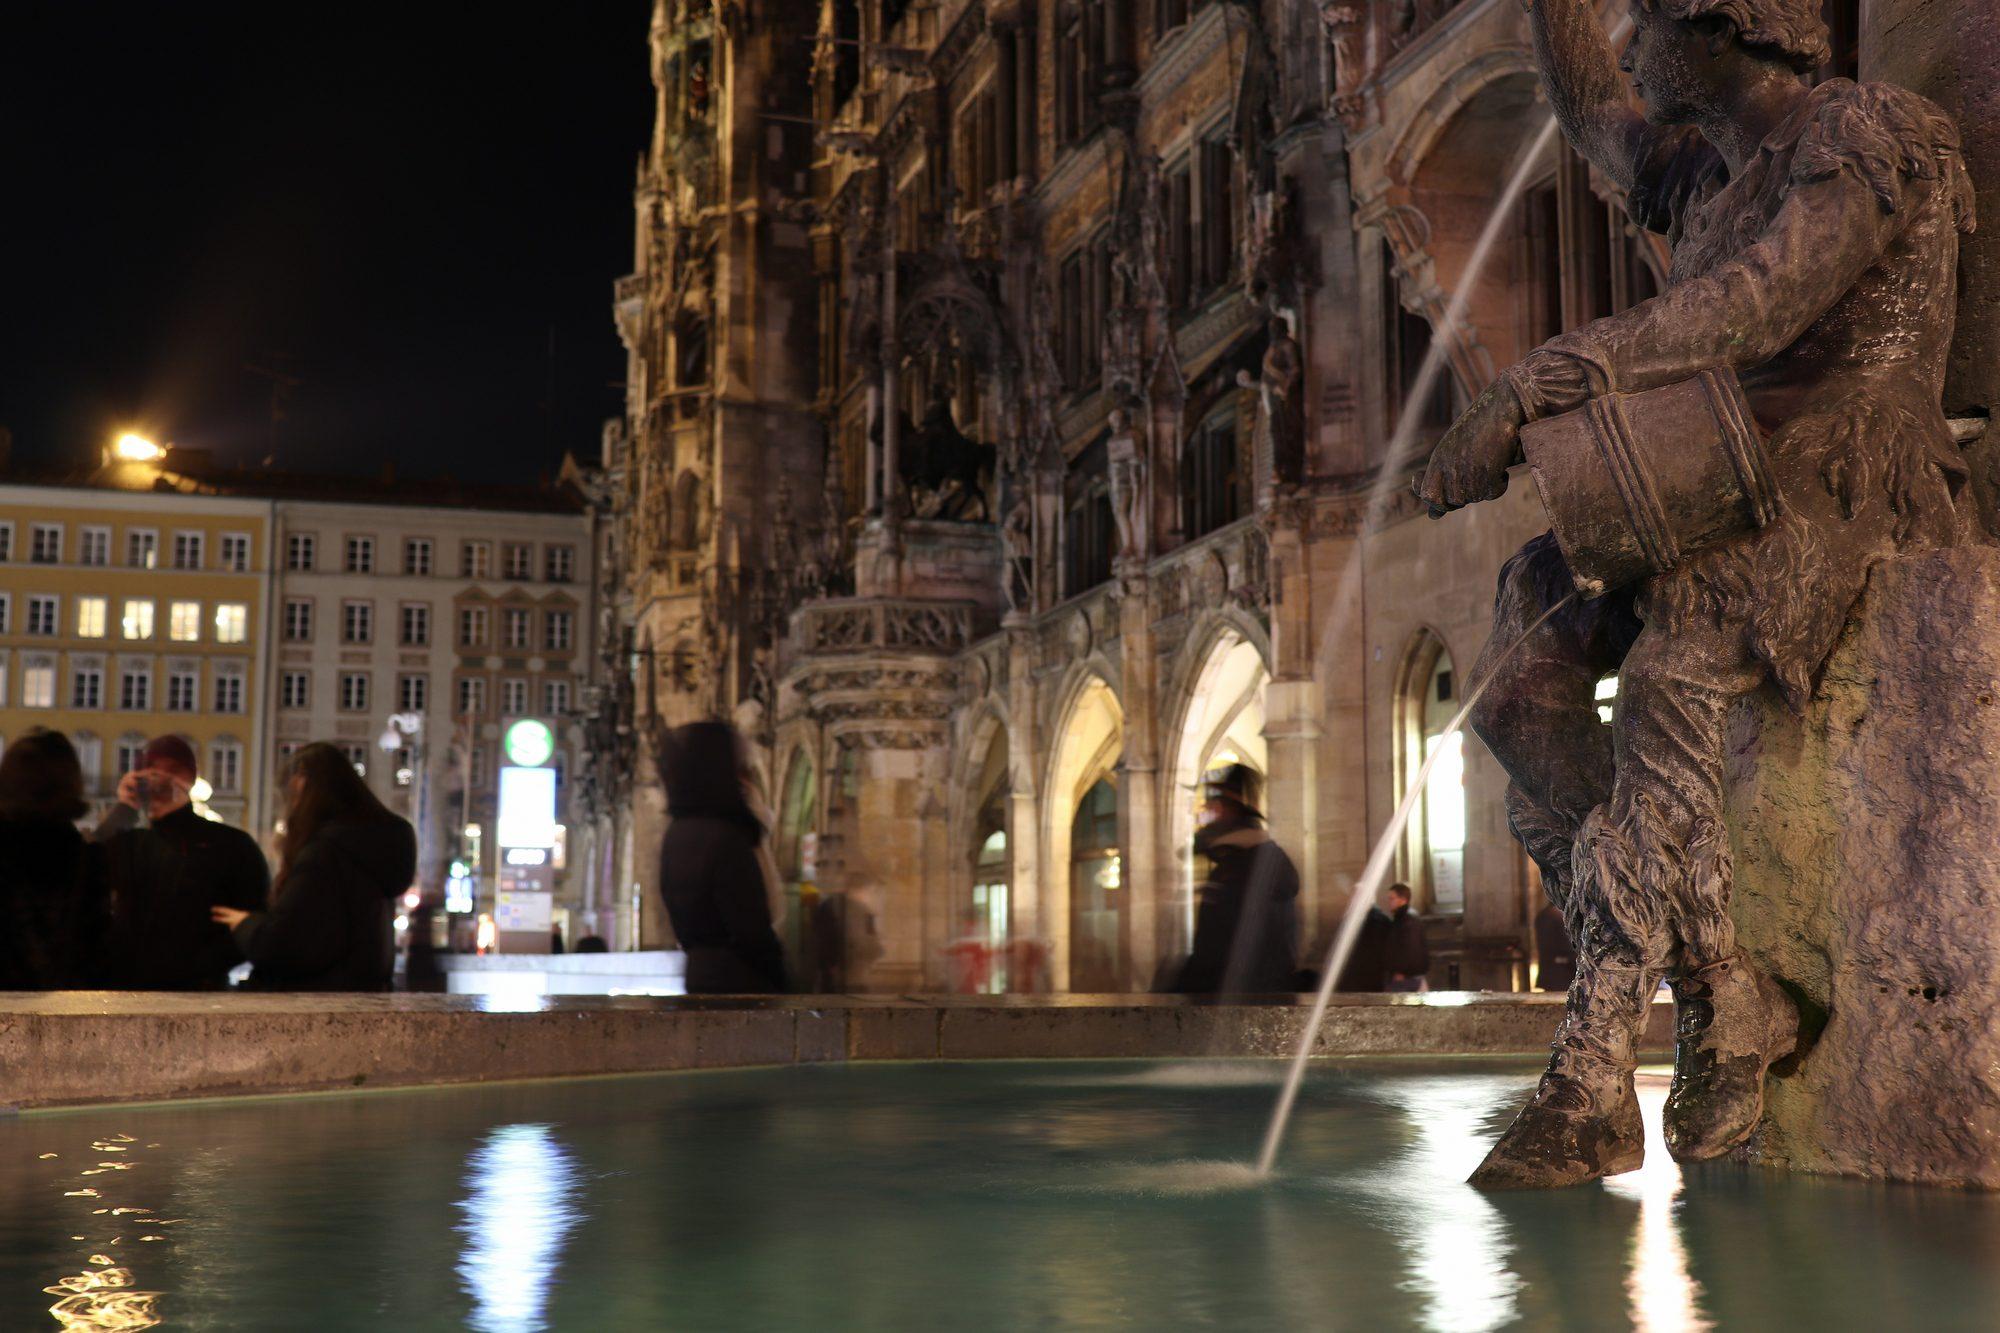 Fischbrunnen am Marienplatz in München